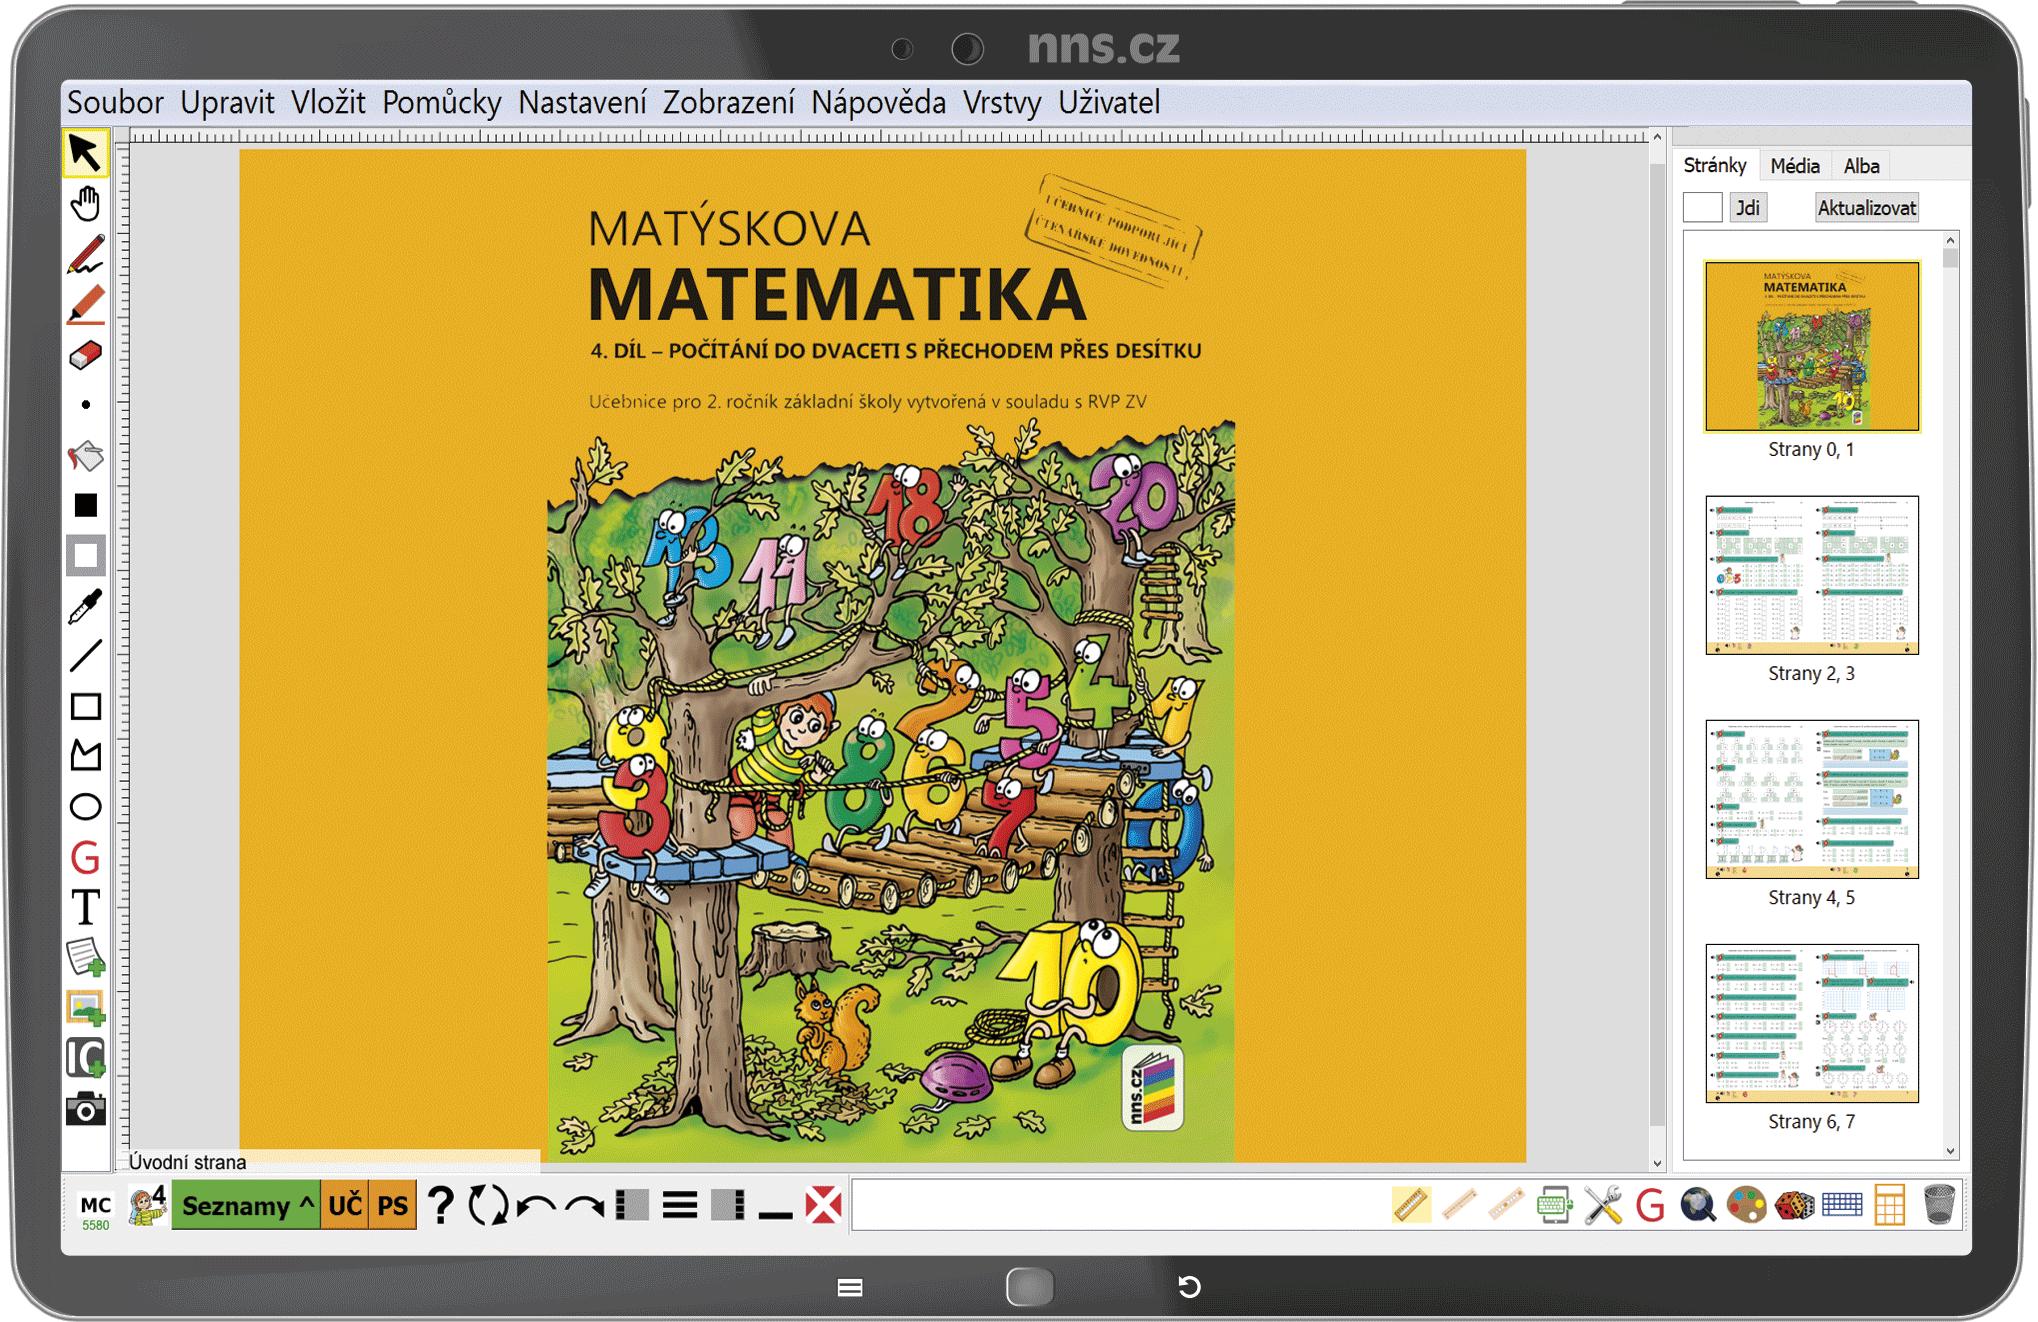 MIUč+ Matýskova matematika, 4.–6. díl – školní licence pro 1 učitele na 1 školní rok